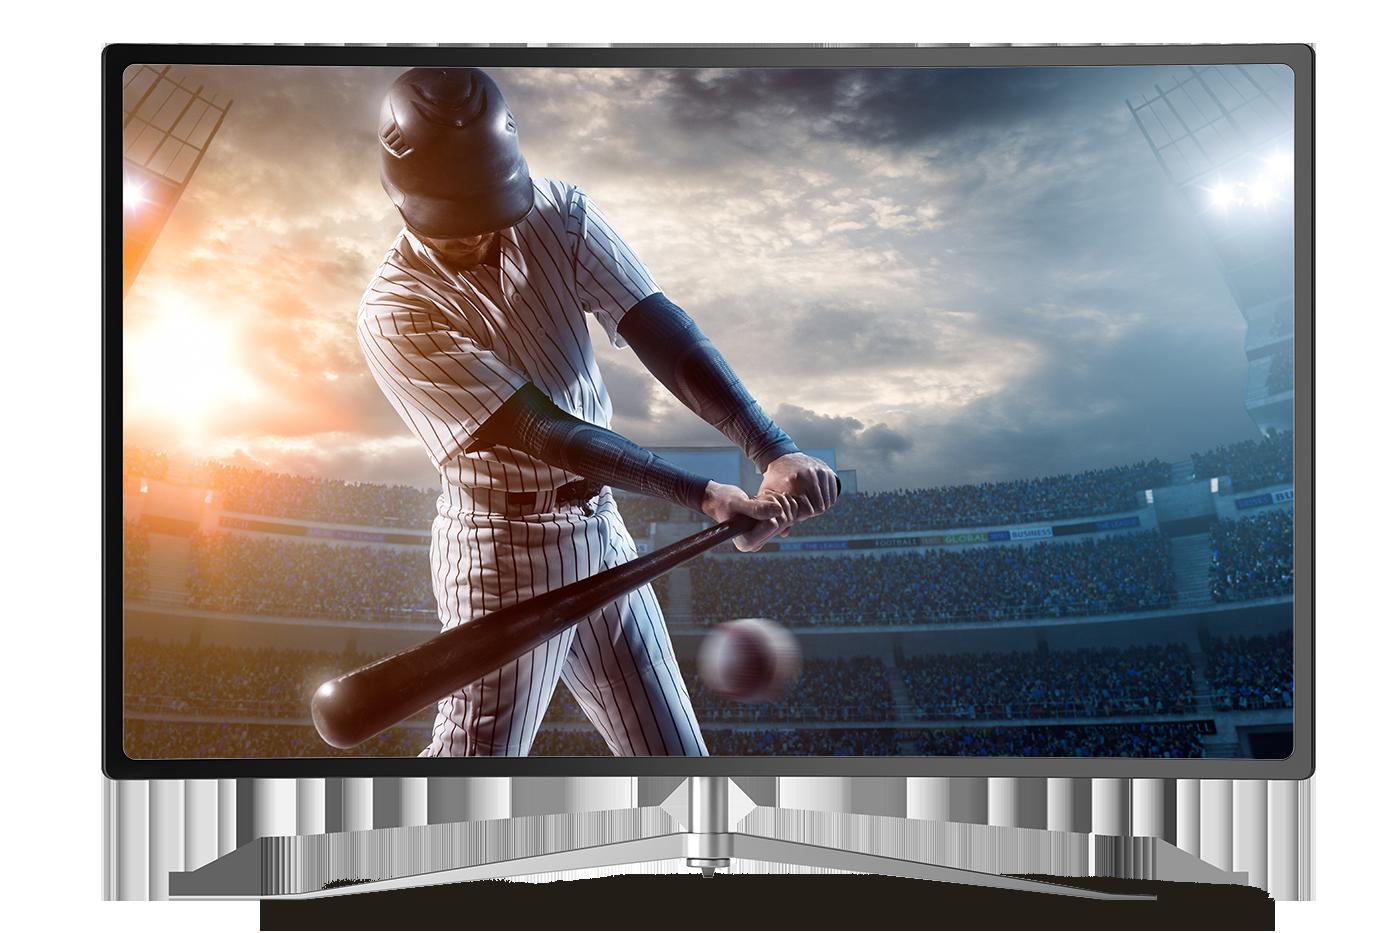 baseball player on tv